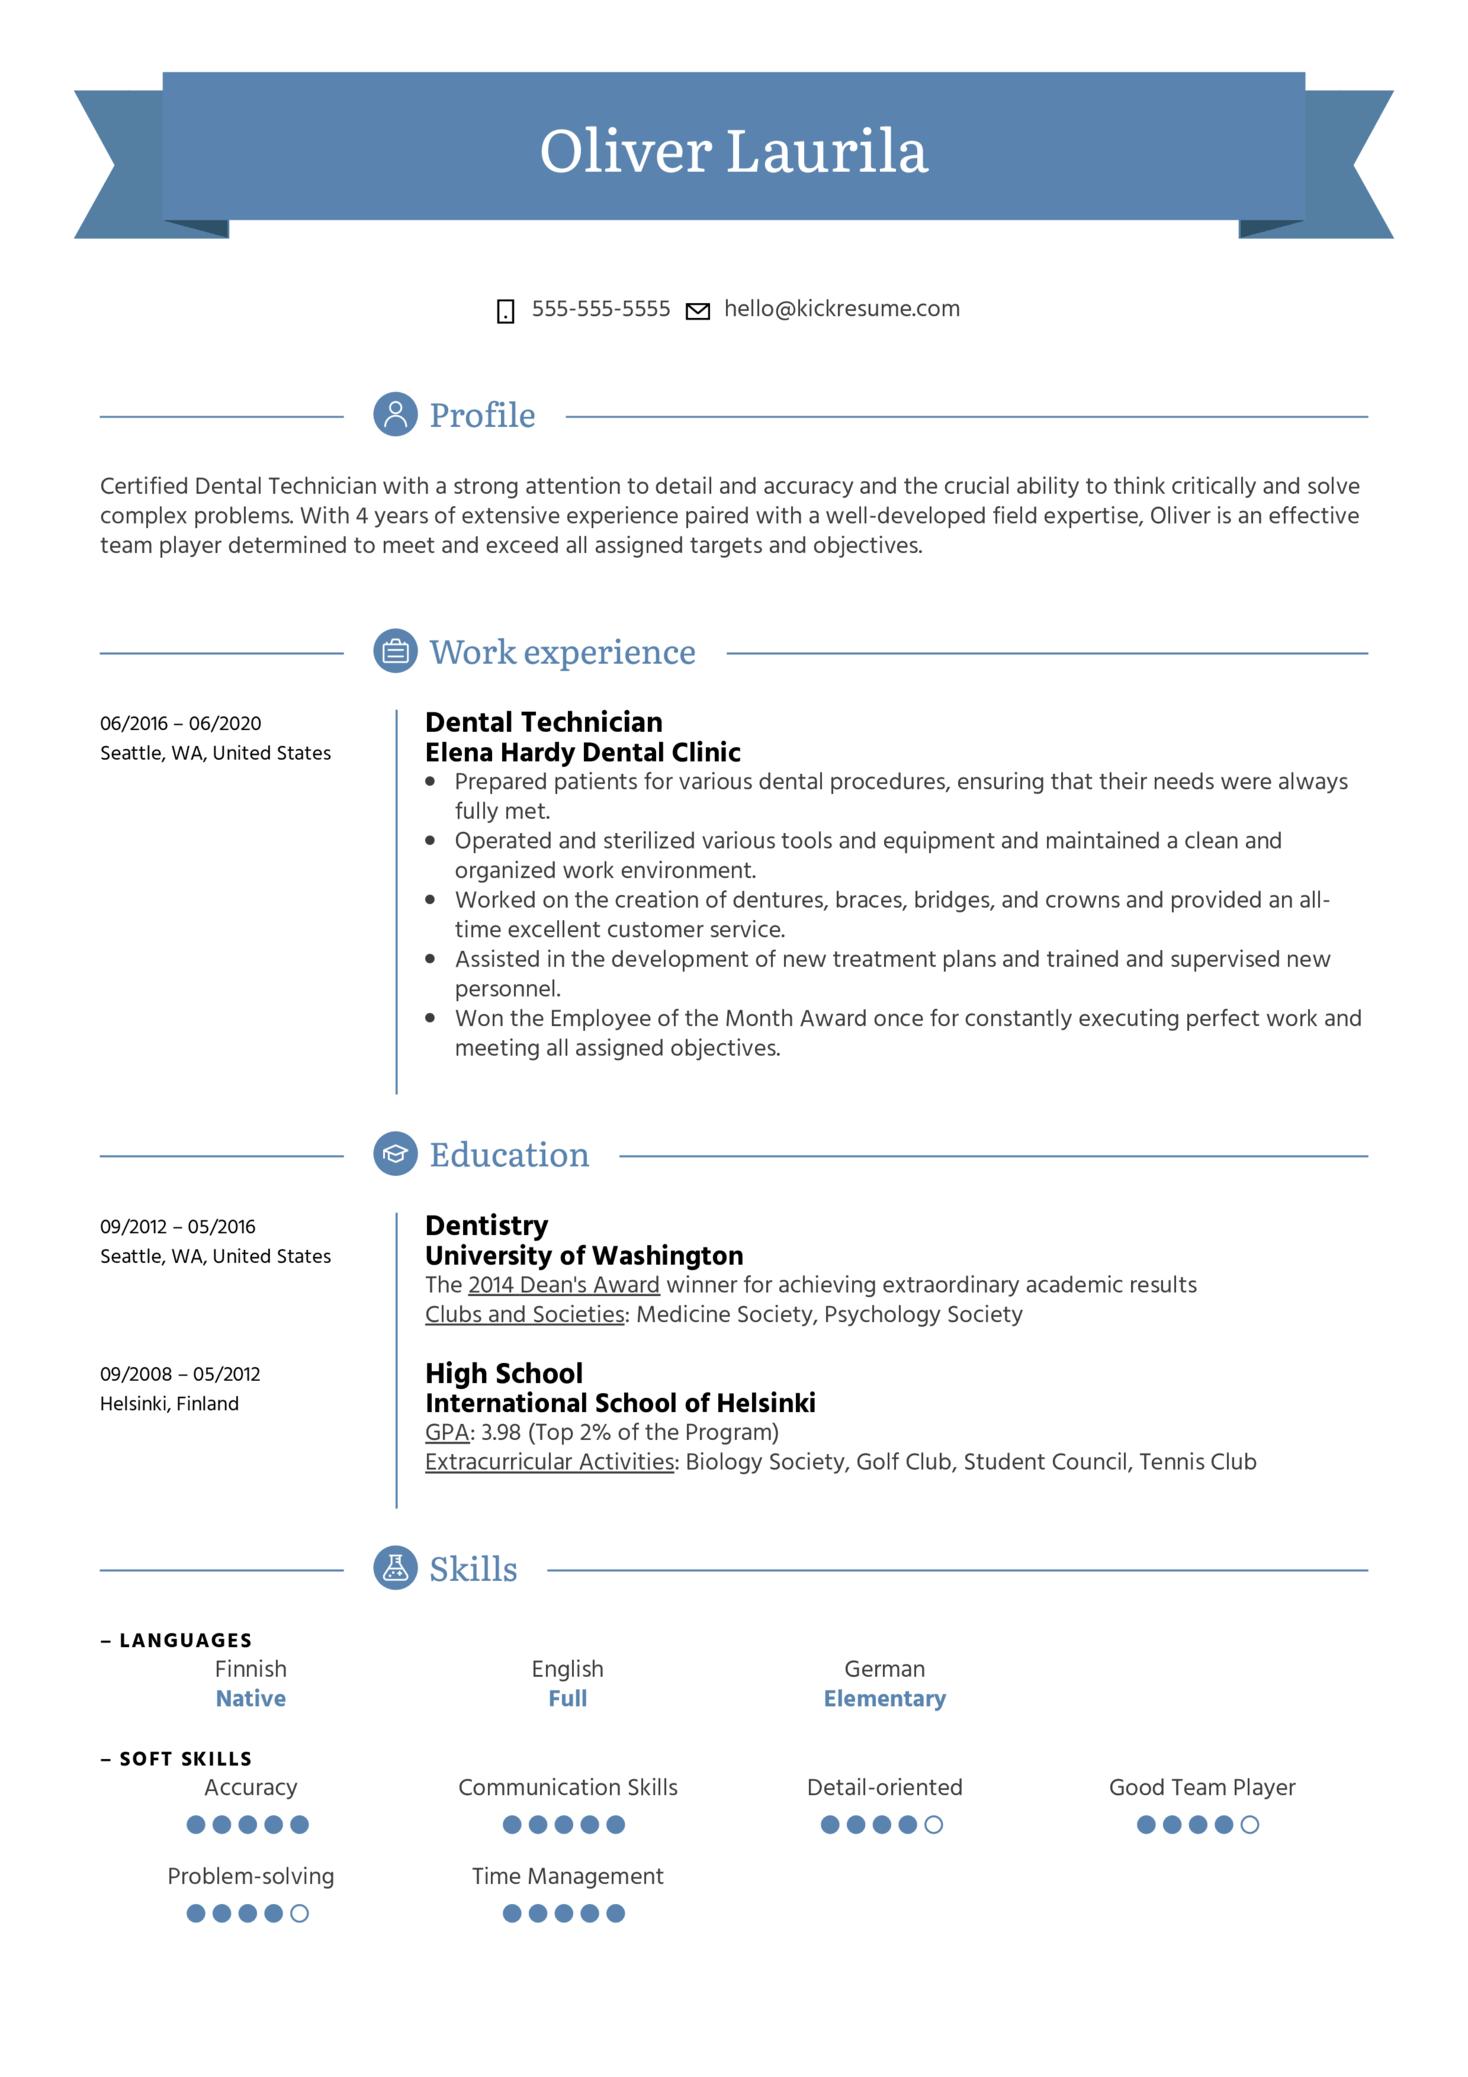 Dental Technician Resume Example (časť 1)